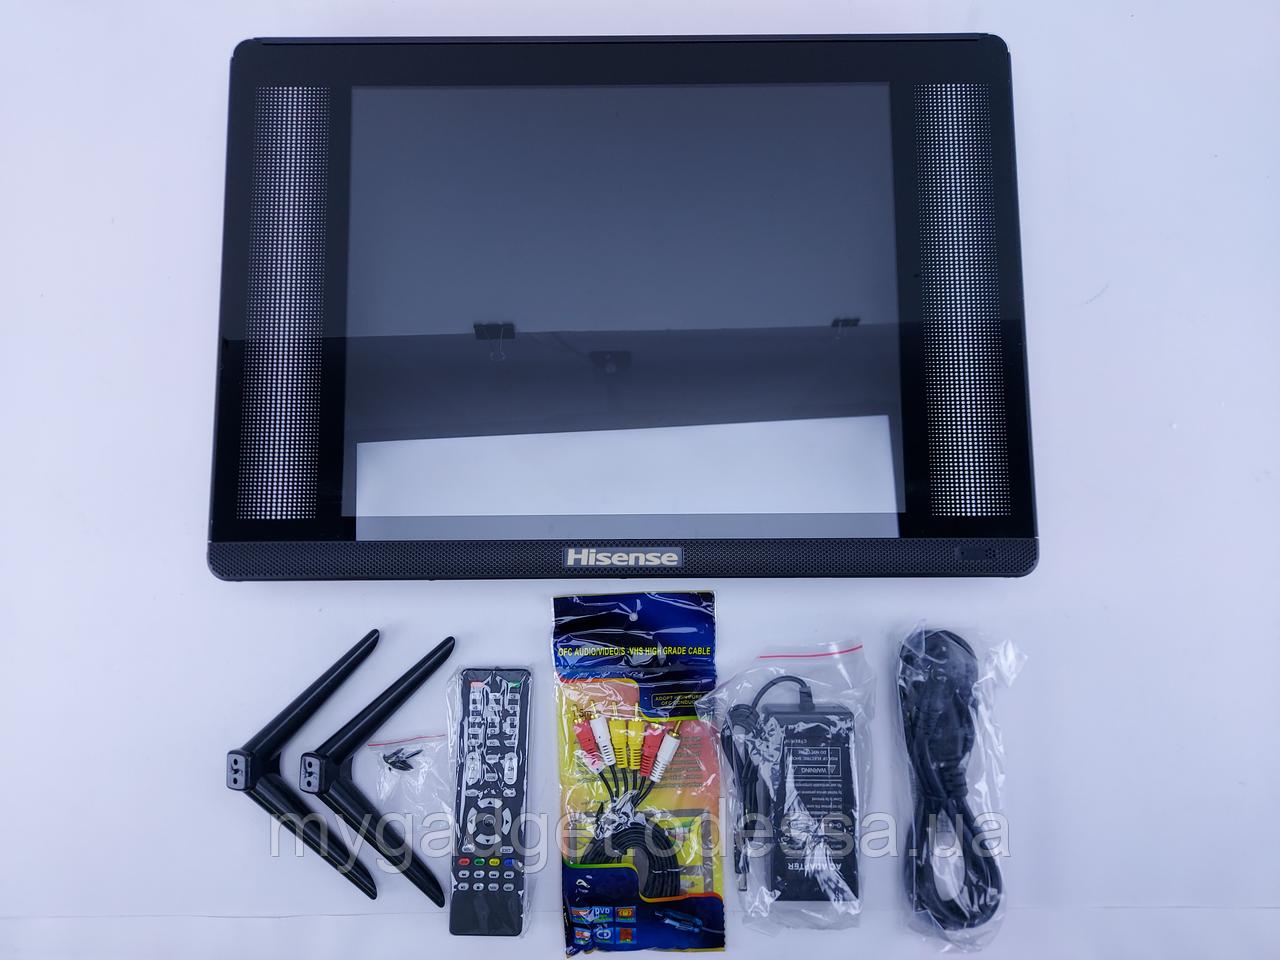 """Фирменный Телевизор Hisense 15"""" HD-Ready/DVB-T2/USB (1366x768)"""